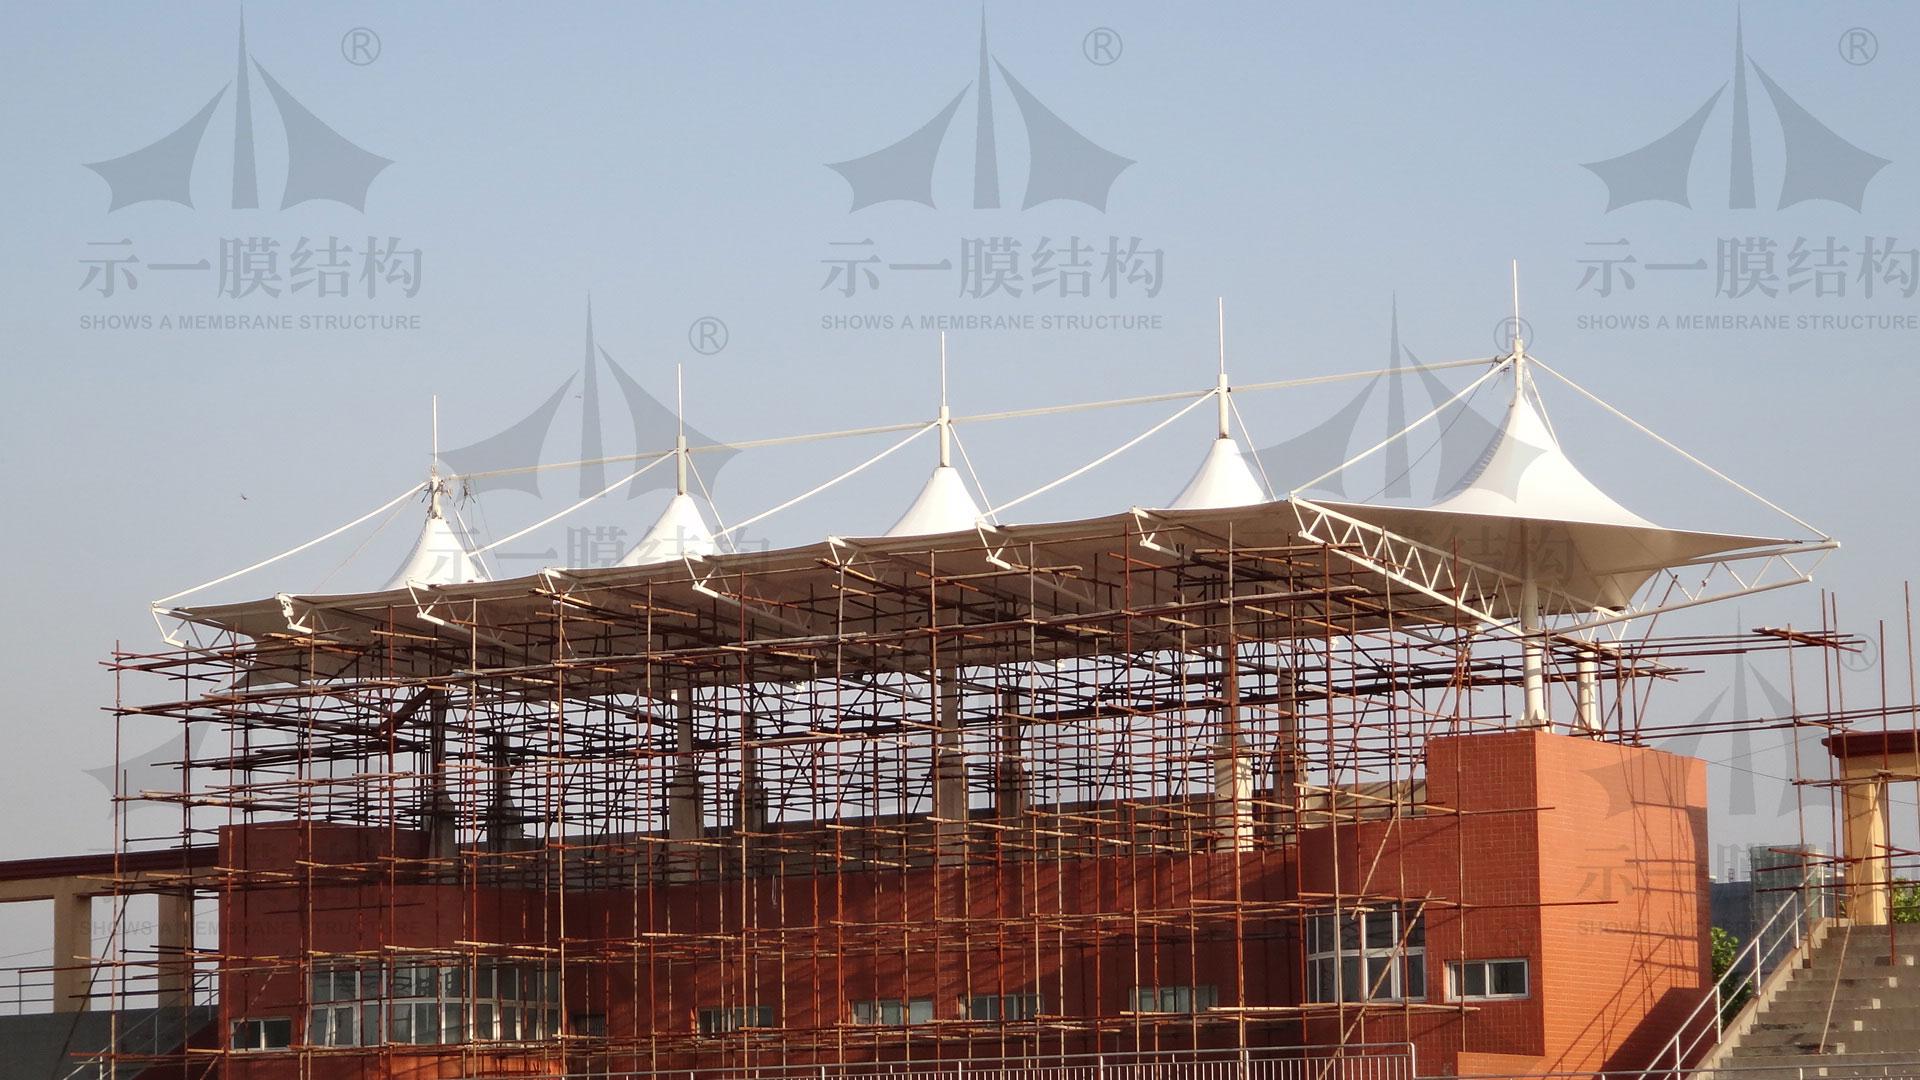 上海示一膜结构河南华信学院膜结构体育看台